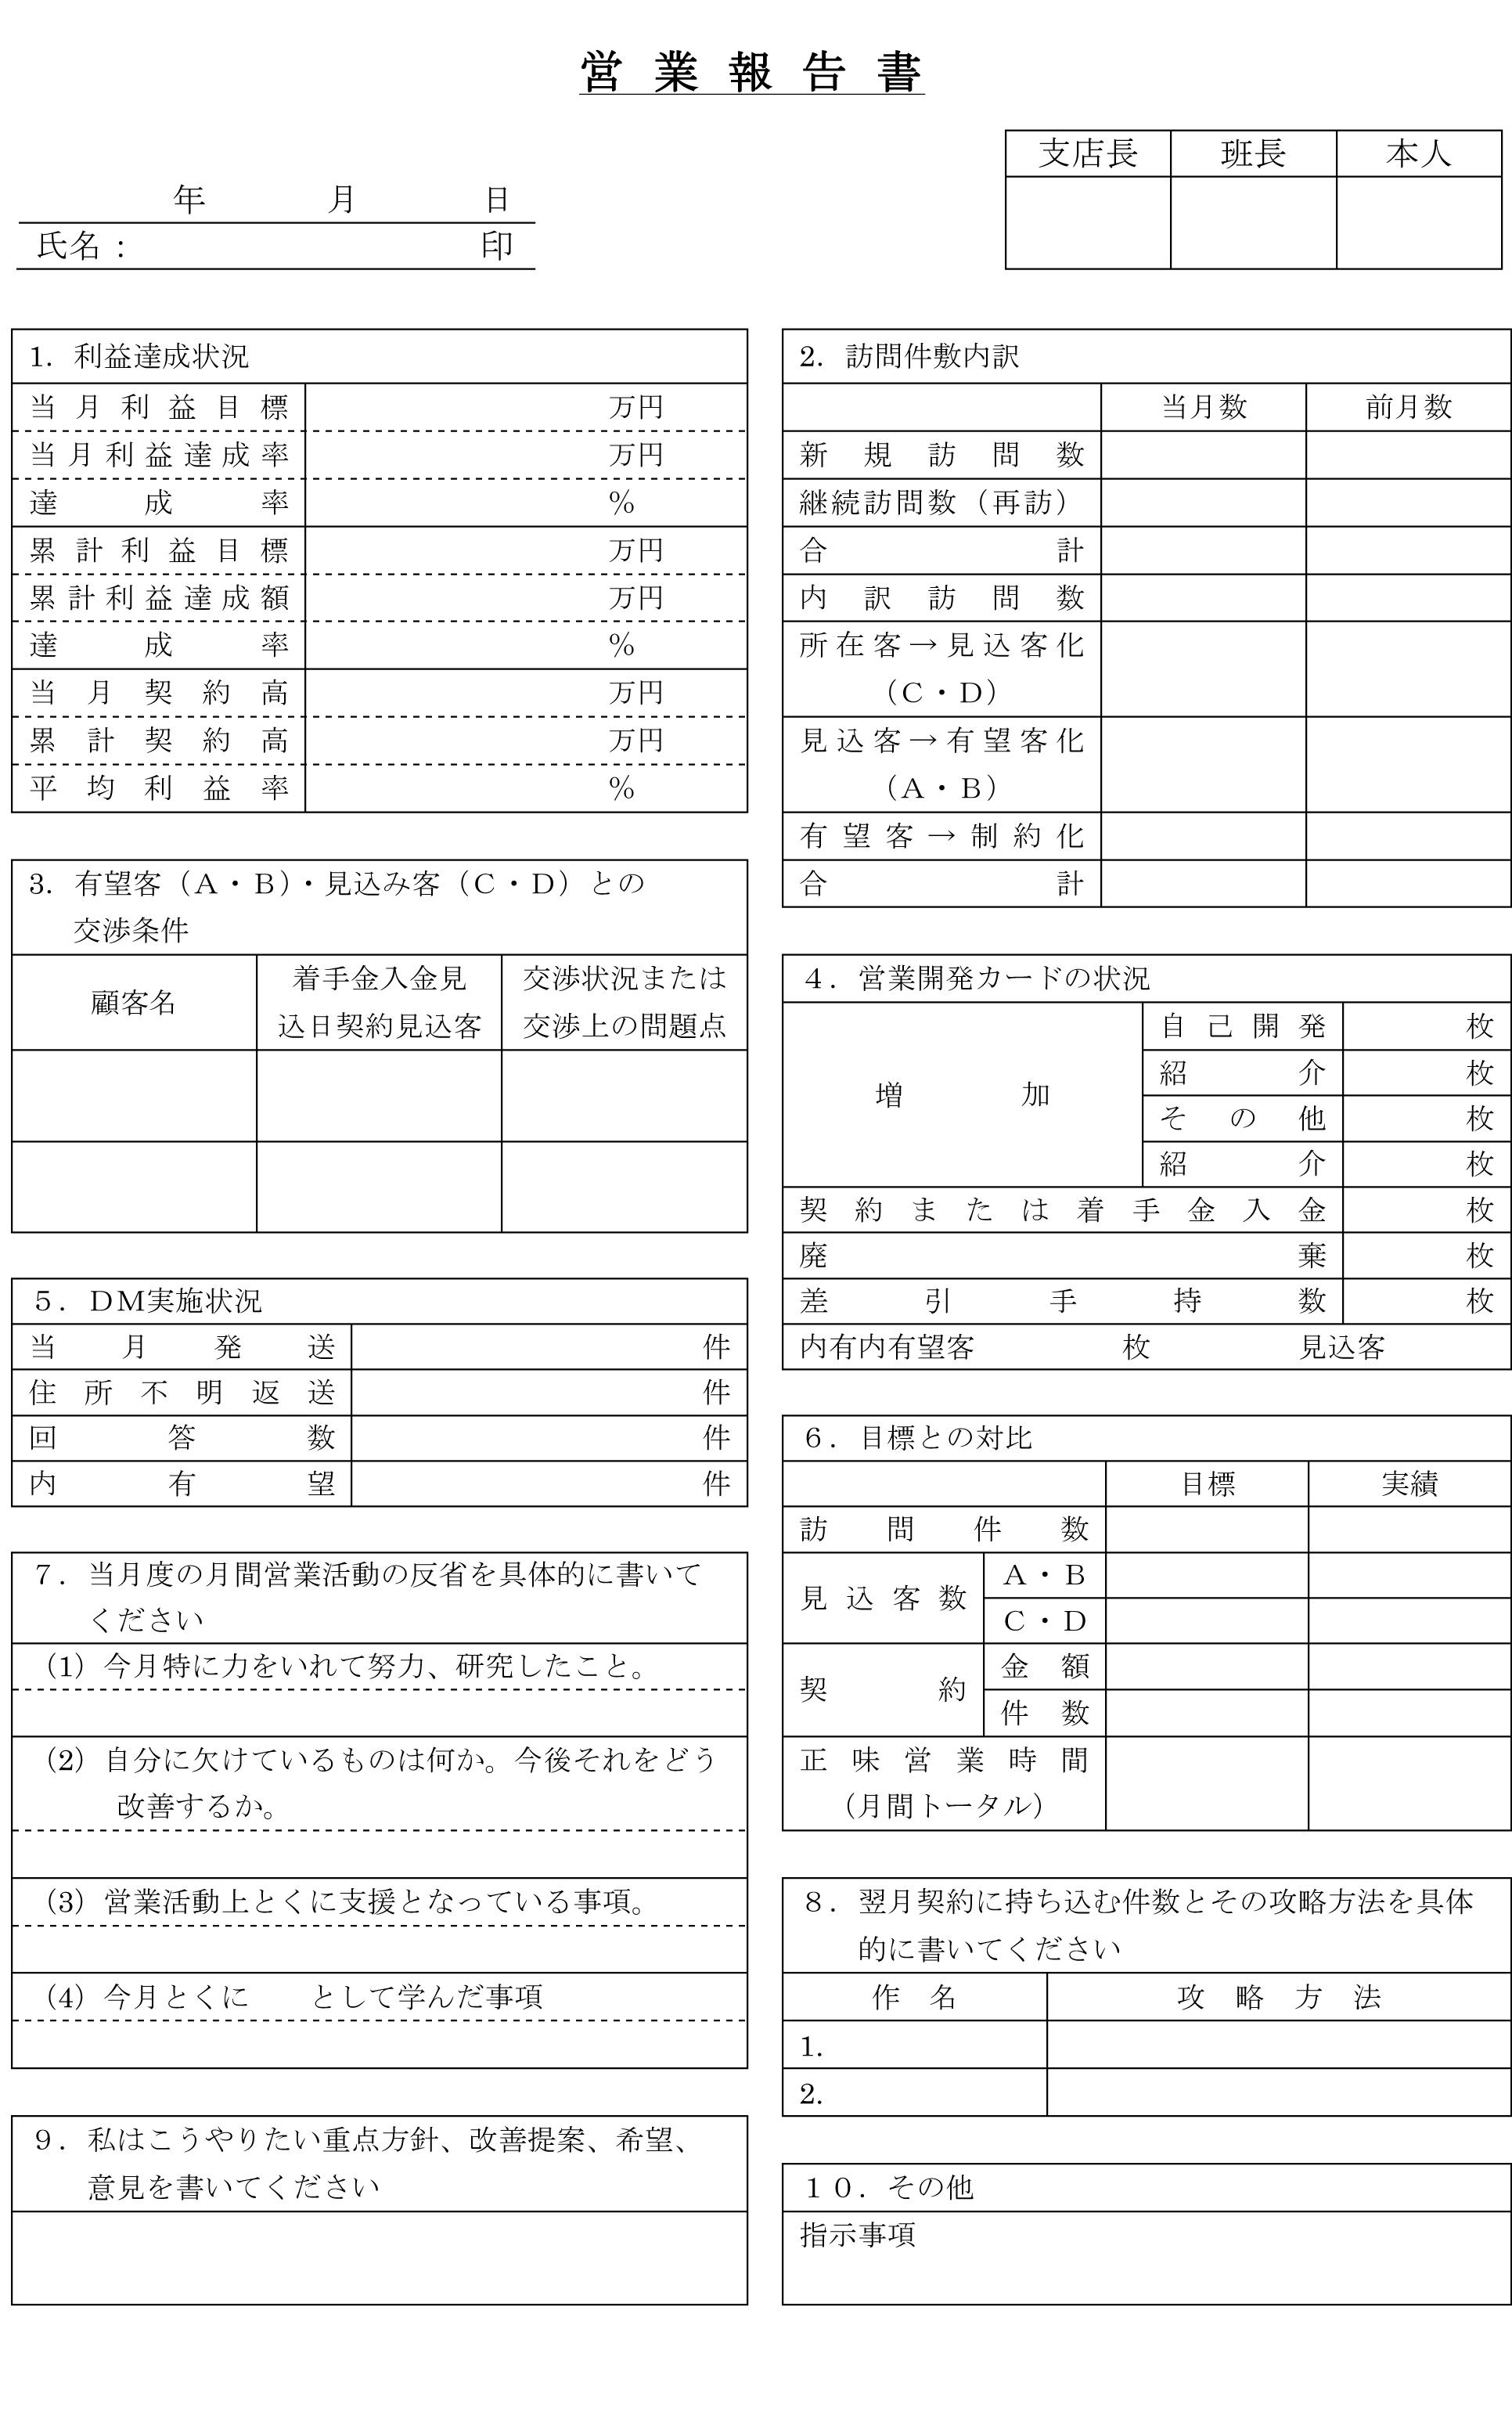 営業報告書01